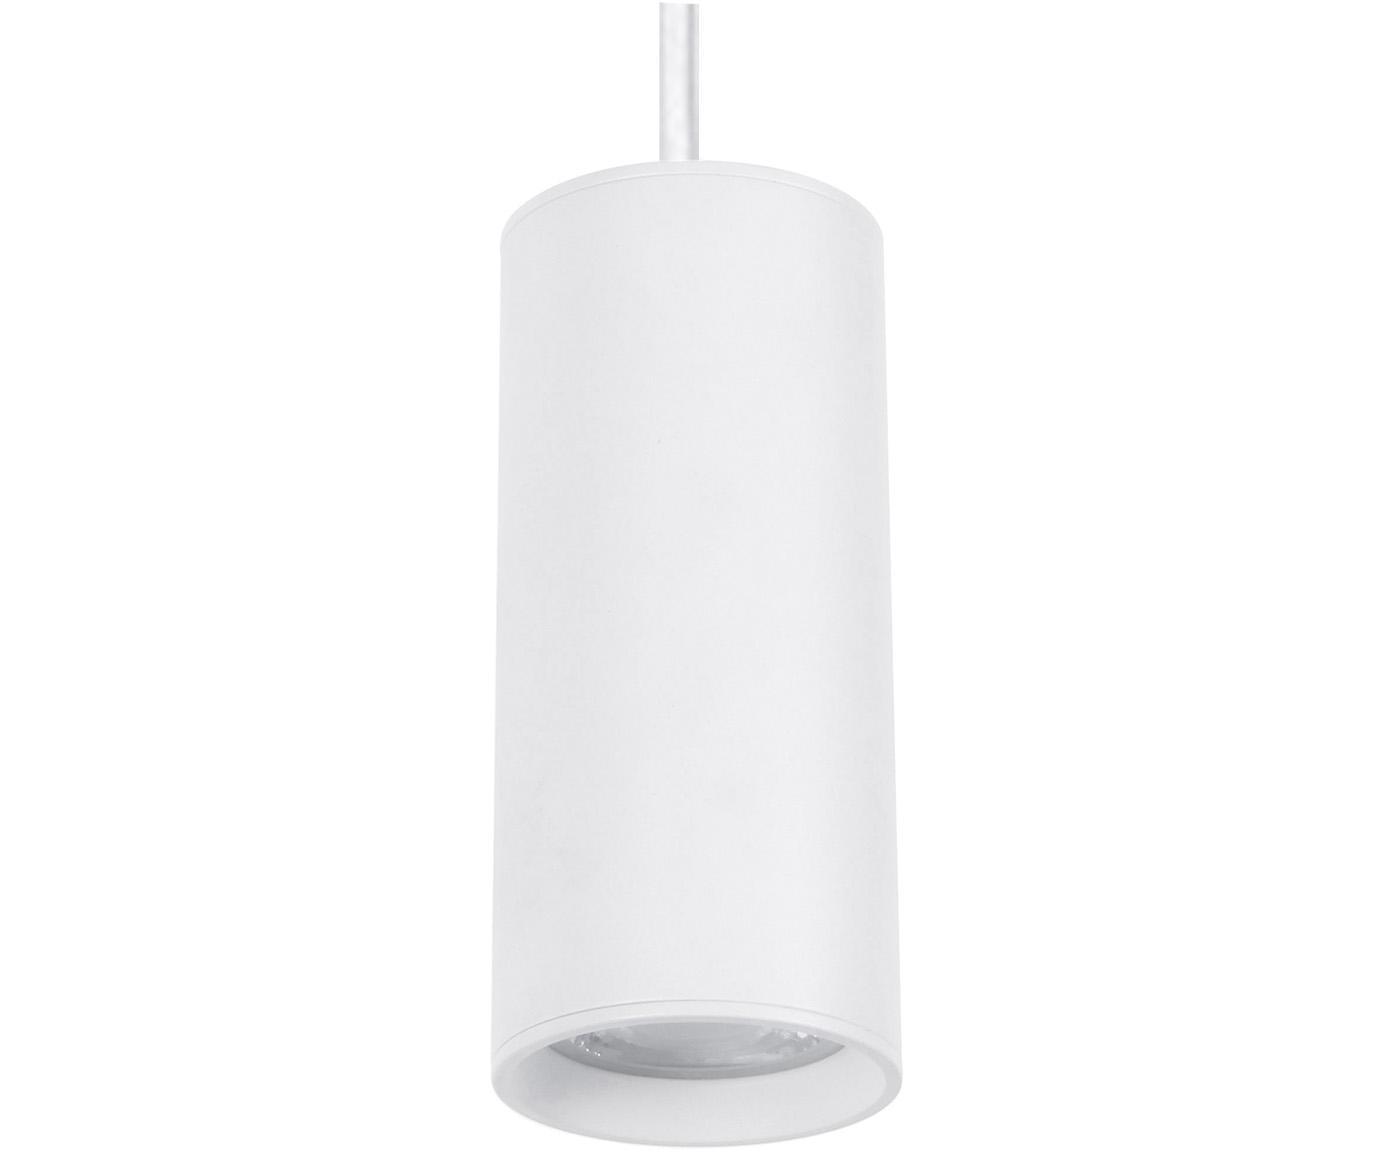 Lampada a sospensione di piccole dimensioni Aila, Paralume: alluminio rivestito, Baldacchino: alluminio rivestito, Bianco, Ø 6 x Alt. 120 cm